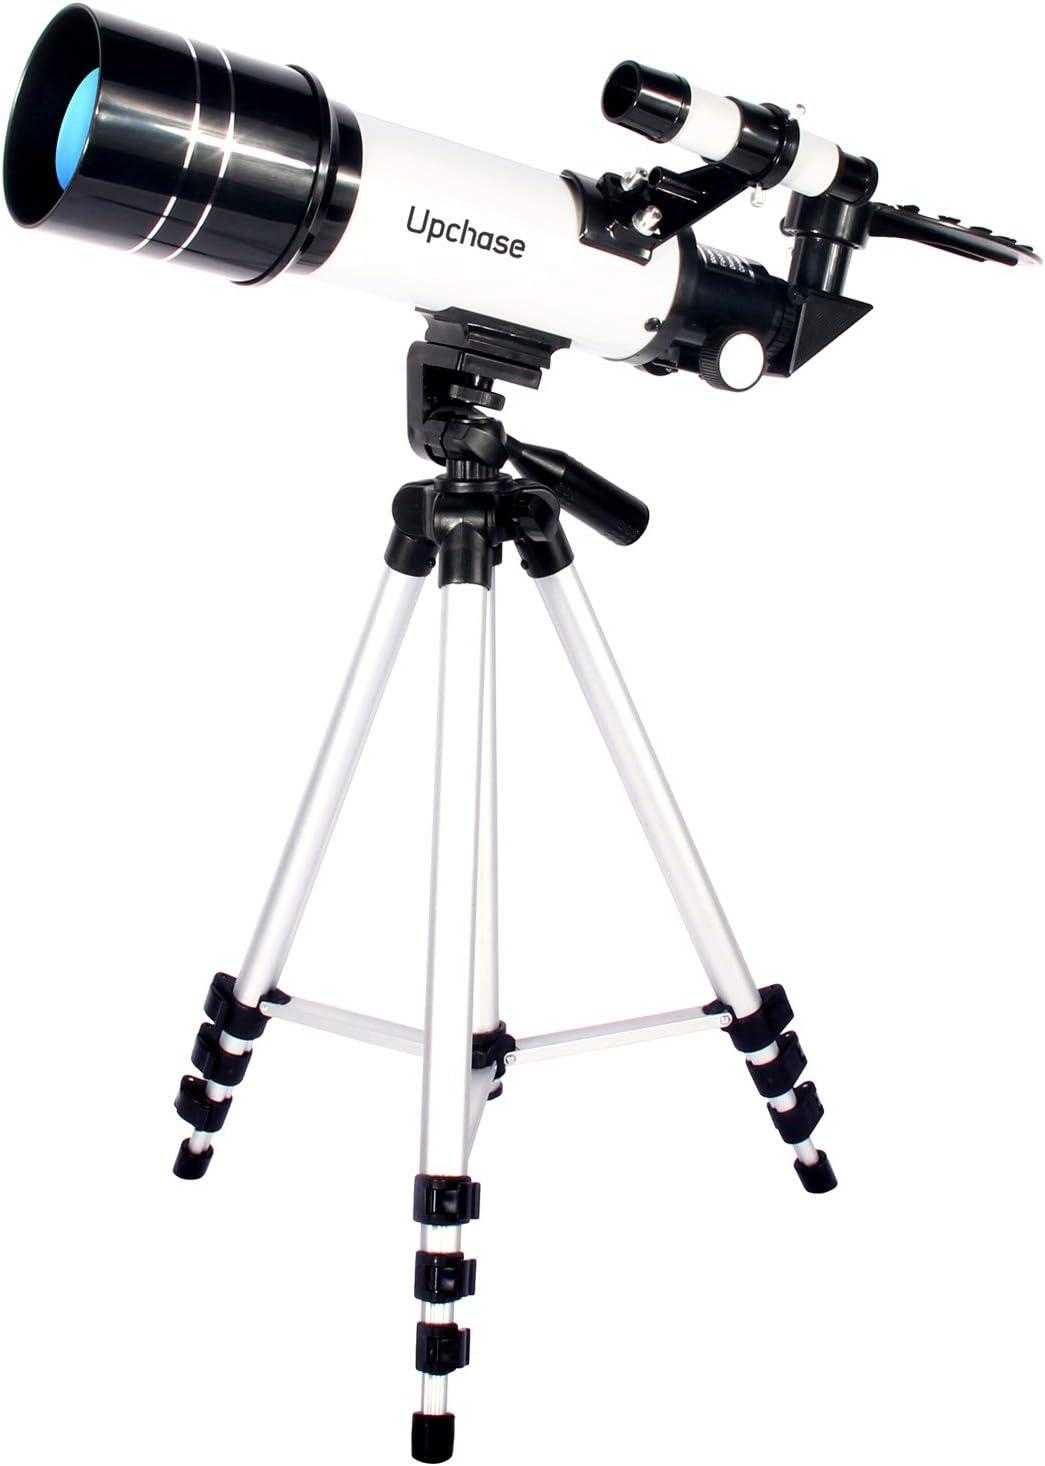 Regalo di Natale per Bambini 400//70mm HD Principianti Treppiede Regolabile-Adattatore Smartphone Osservare La Luna,Stelle,Paesaggio Upchase Telescopio Astronomico Telescopio Rifrattore Bambini